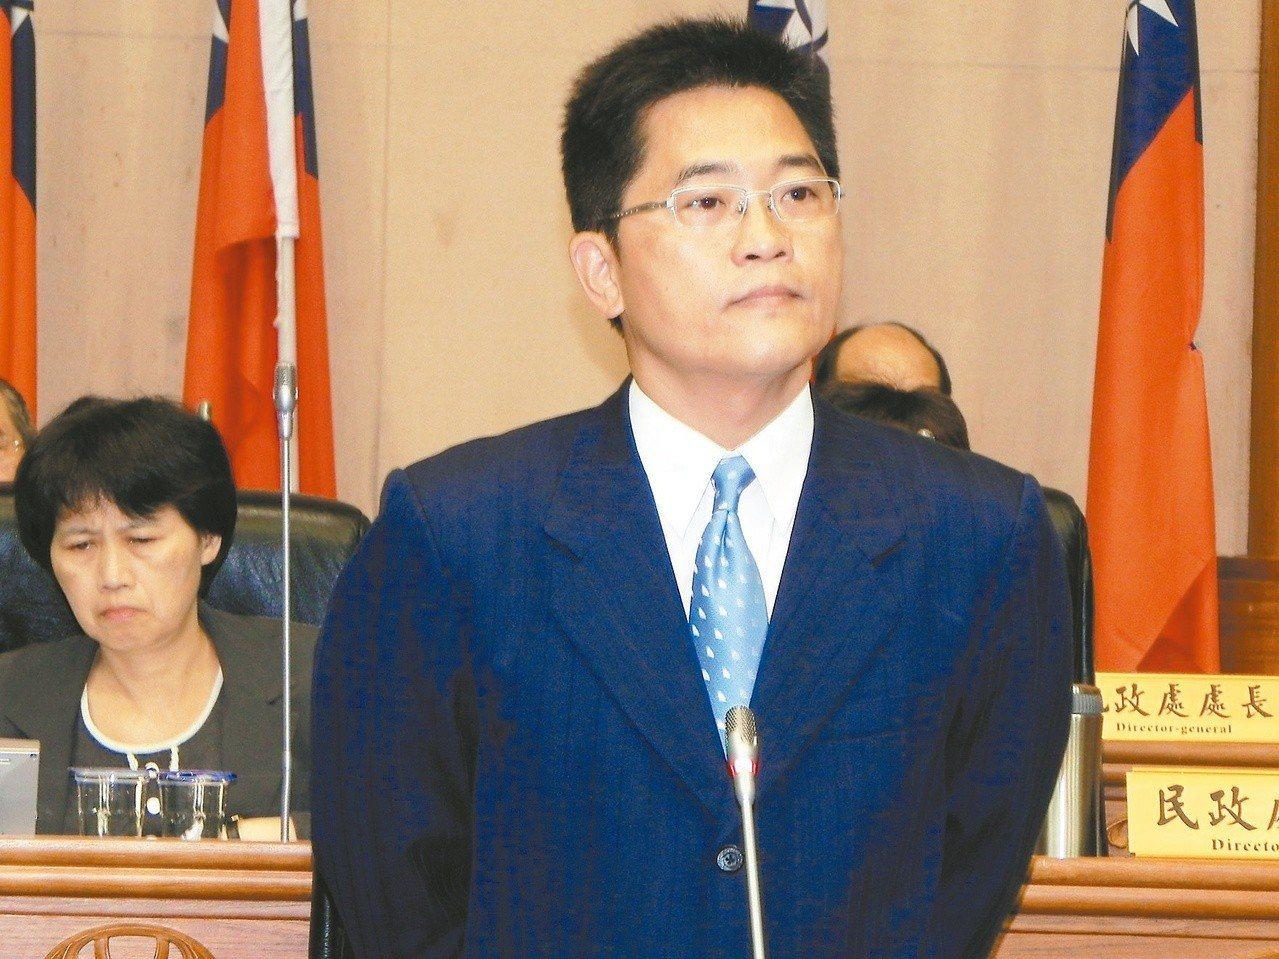 台東縣長黃健庭說。 圖/聯合報系資料照片